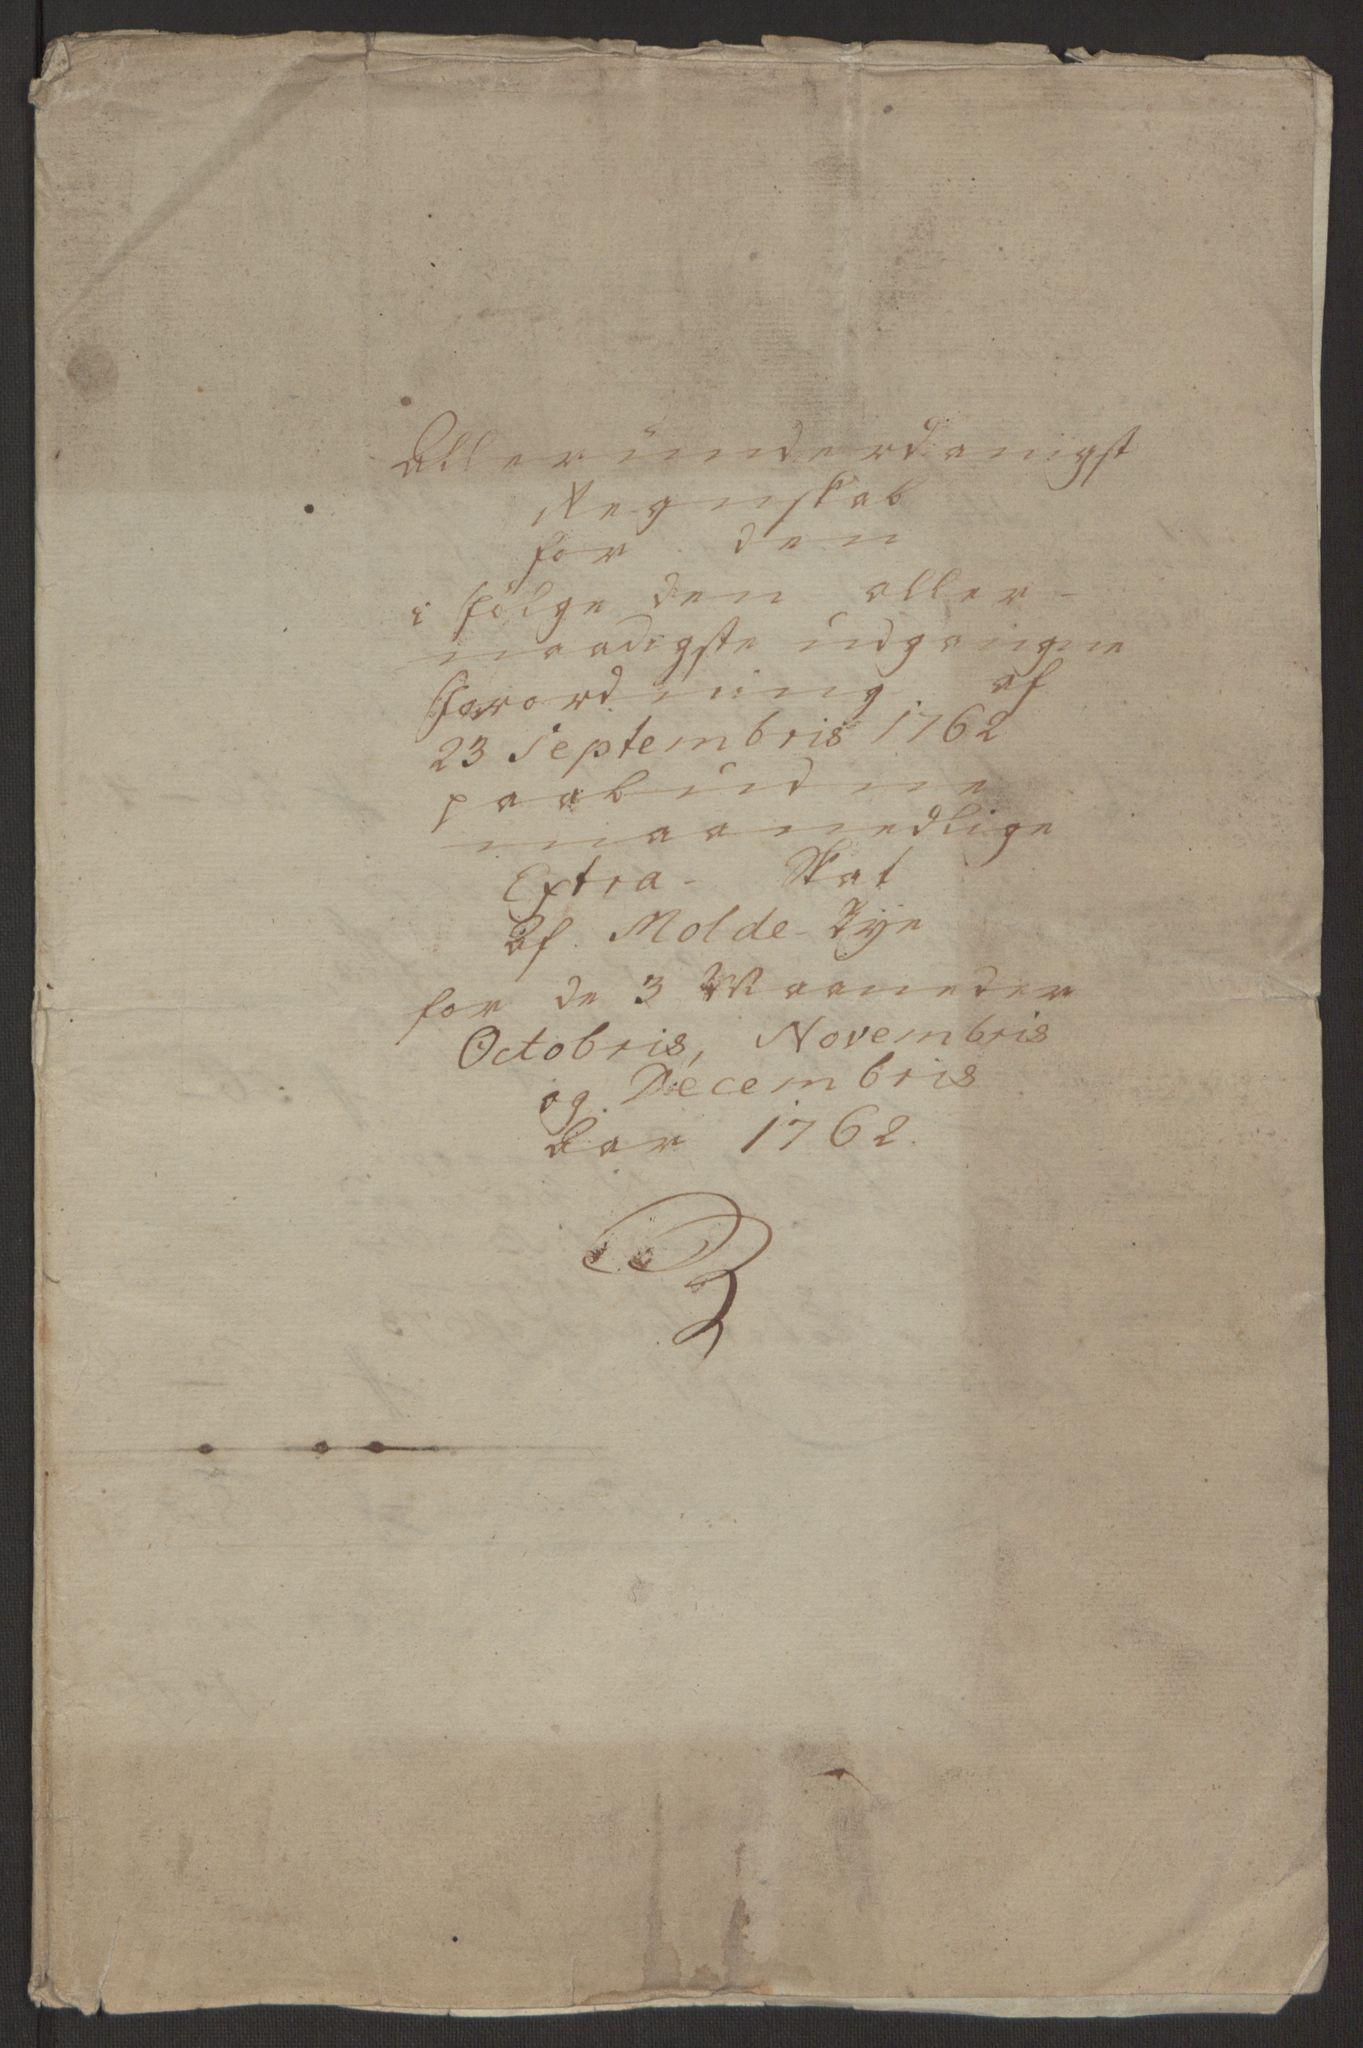 RA, Rentekammeret inntil 1814, Reviderte regnskaper, Byregnskaper, R/Rq/L0487: [Q1] Kontribusjonsregnskap, 1762-1772, s. 4